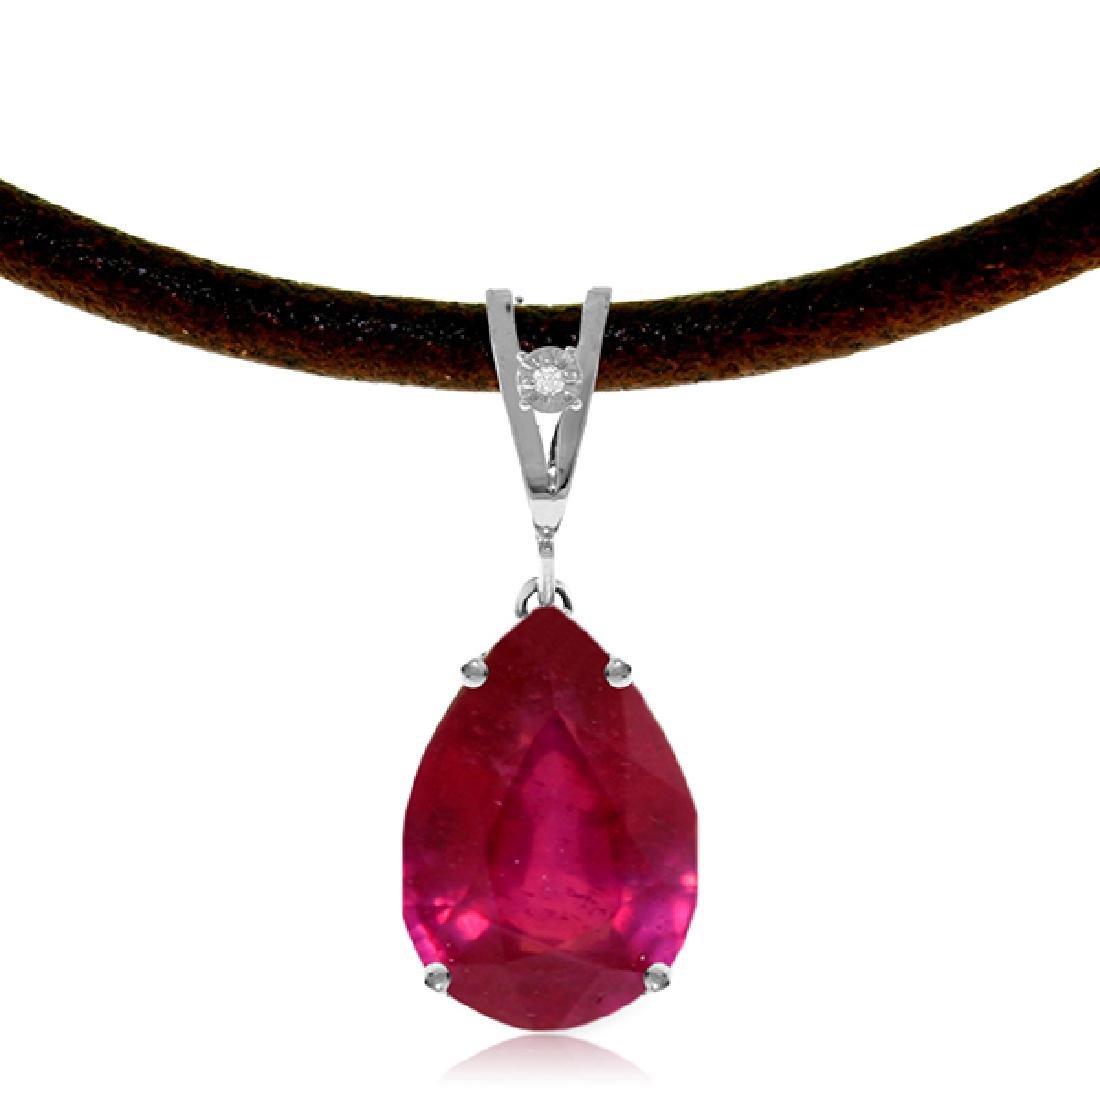 Genuine 5.01 CTW Ruby & Diamond Necklace Jewelry 14KT